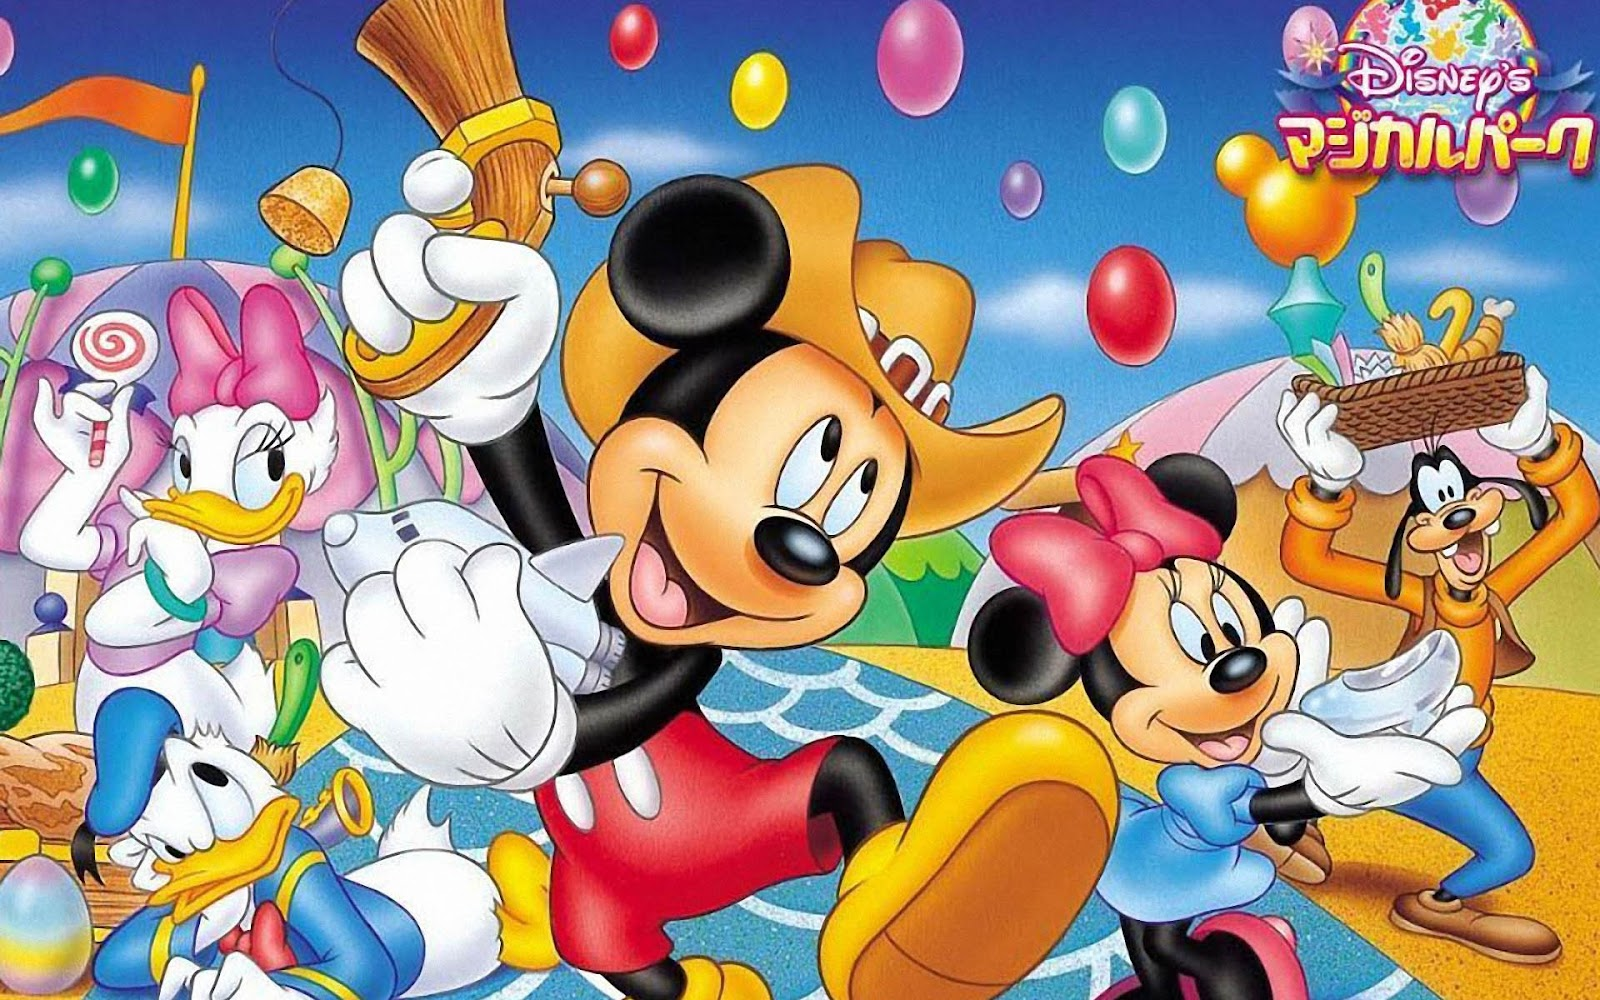 Gambar Mickey Mouse Lucu Lengkap Kumpulan Gambar Lengkap